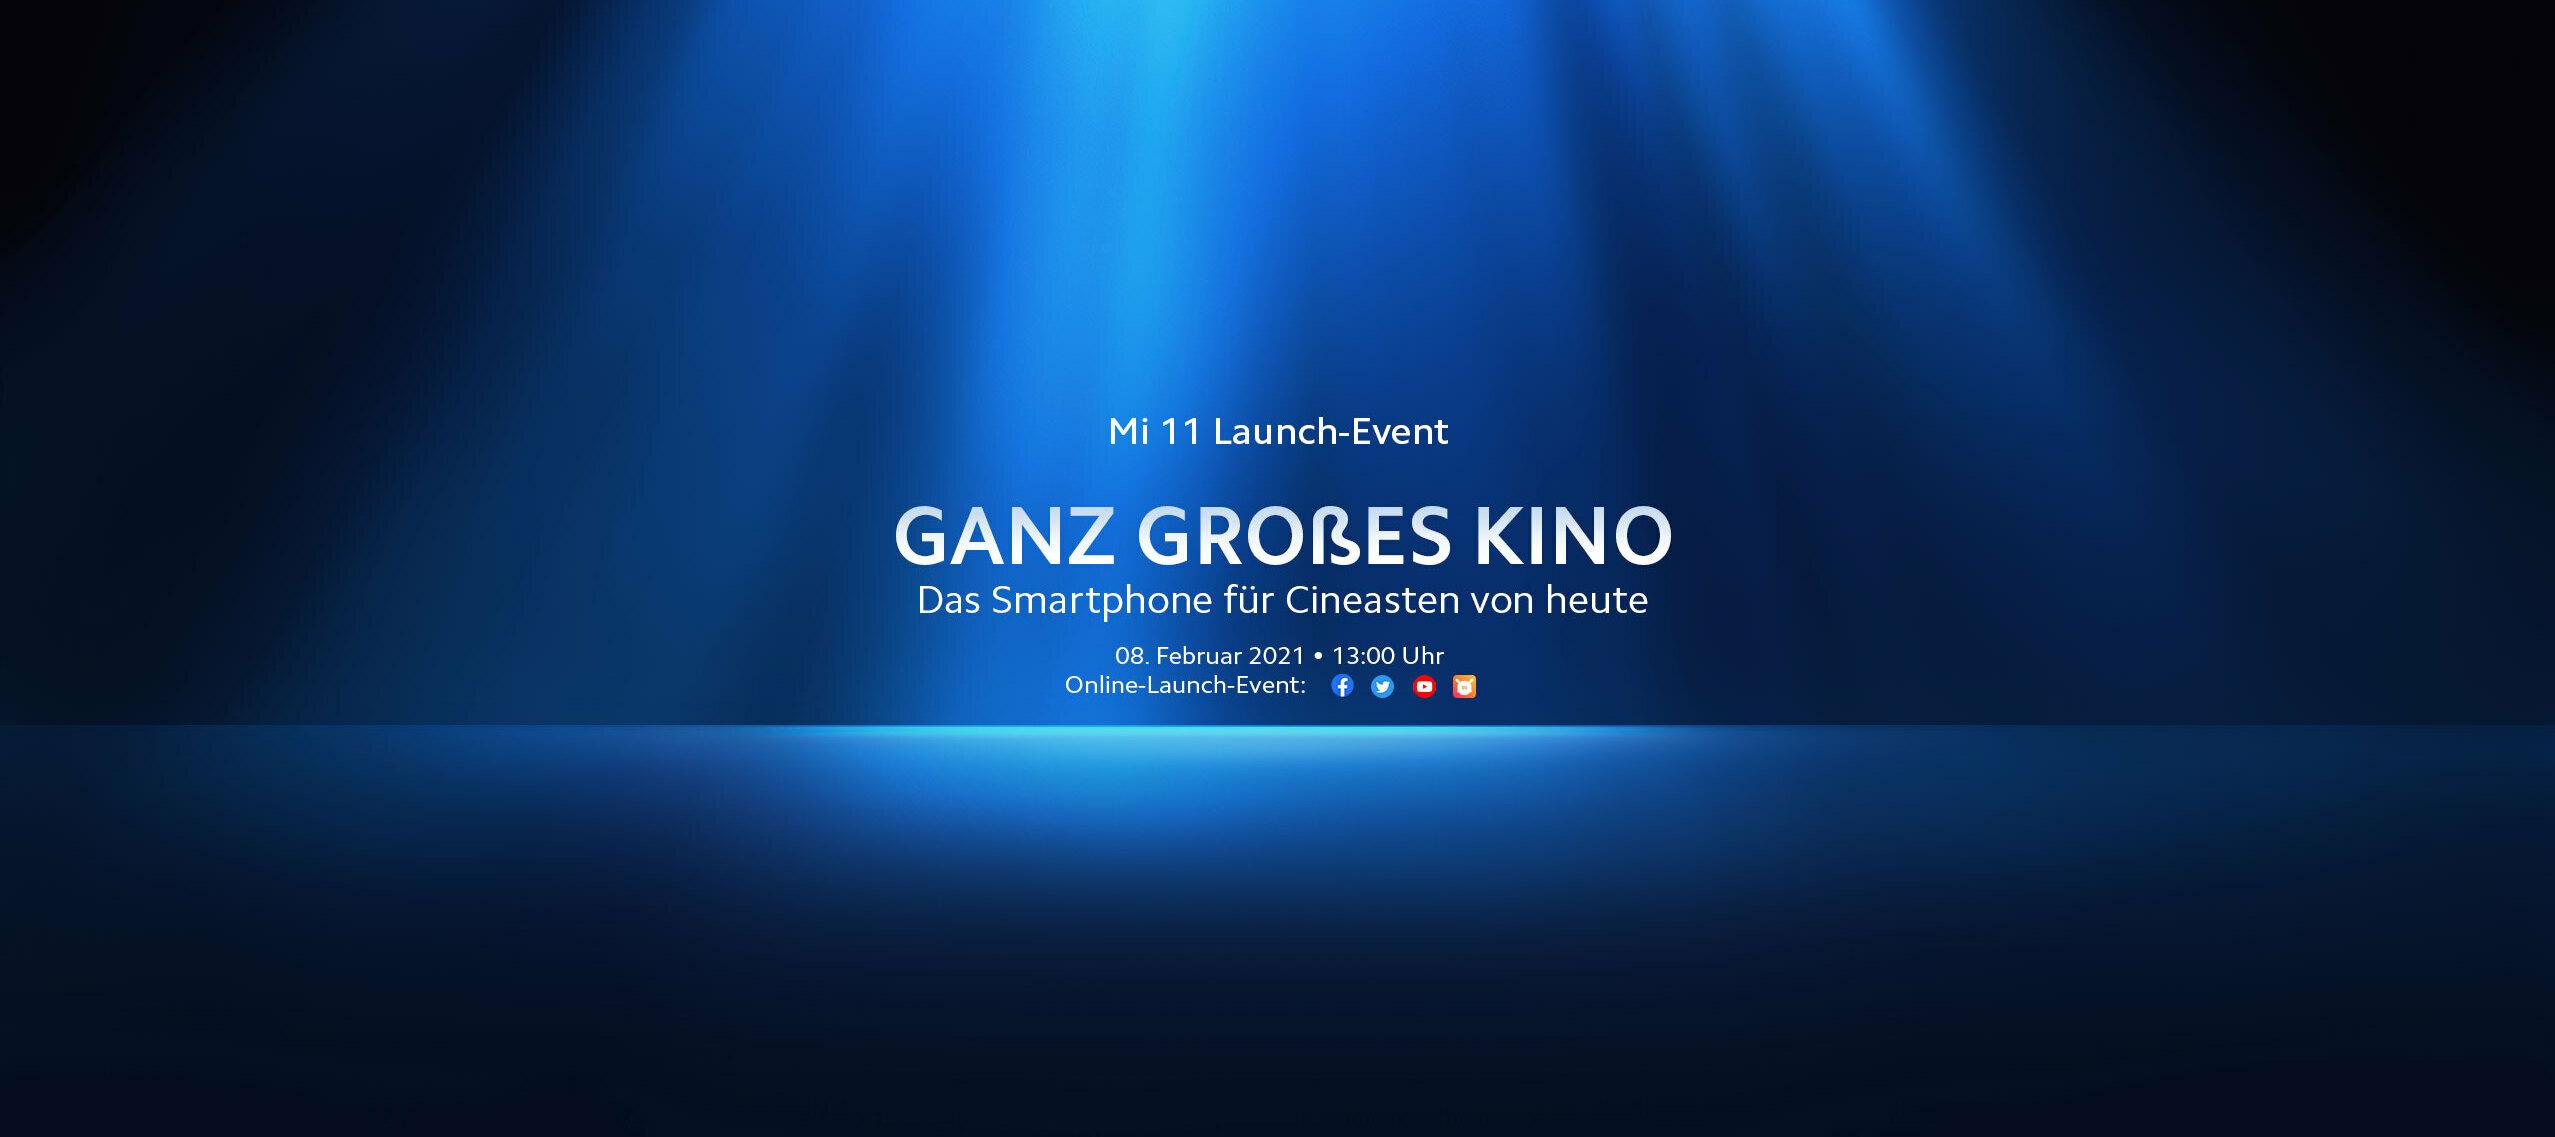 08.02.2021 13:00: Seid live dabei beim Mi 11 Launch-Event